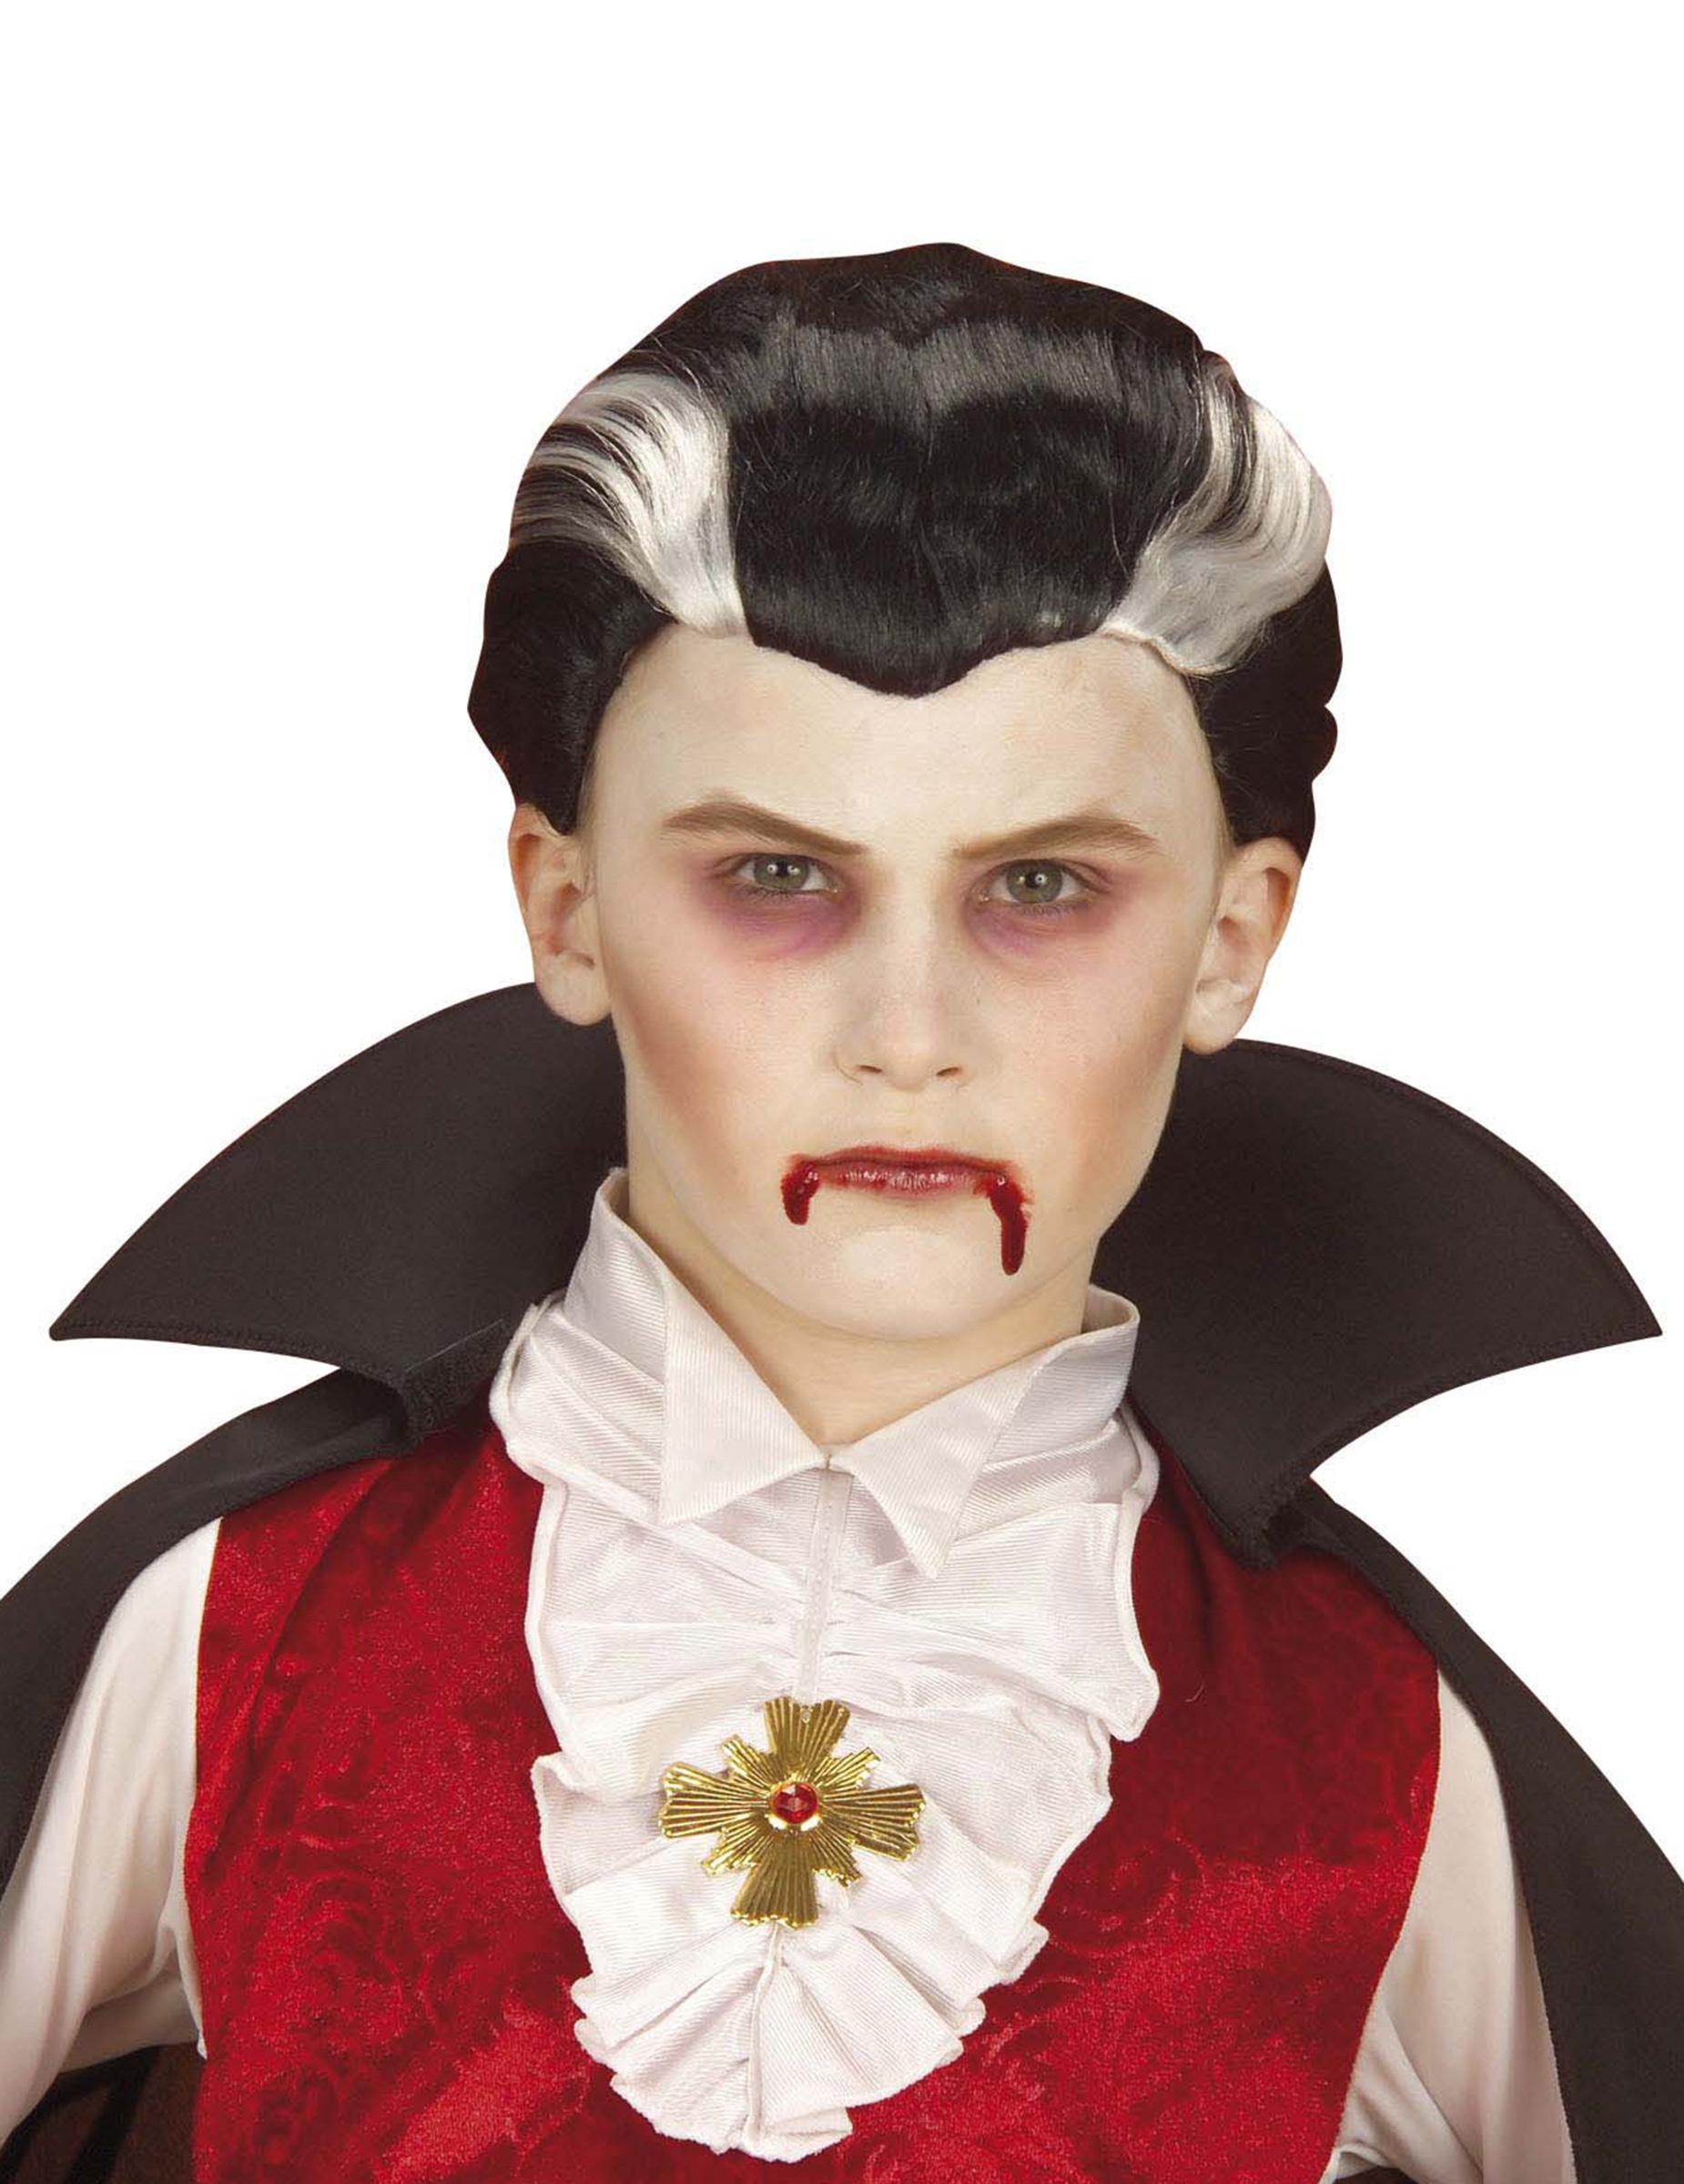 vampir perucke fur kinder halloween schwarz weiss